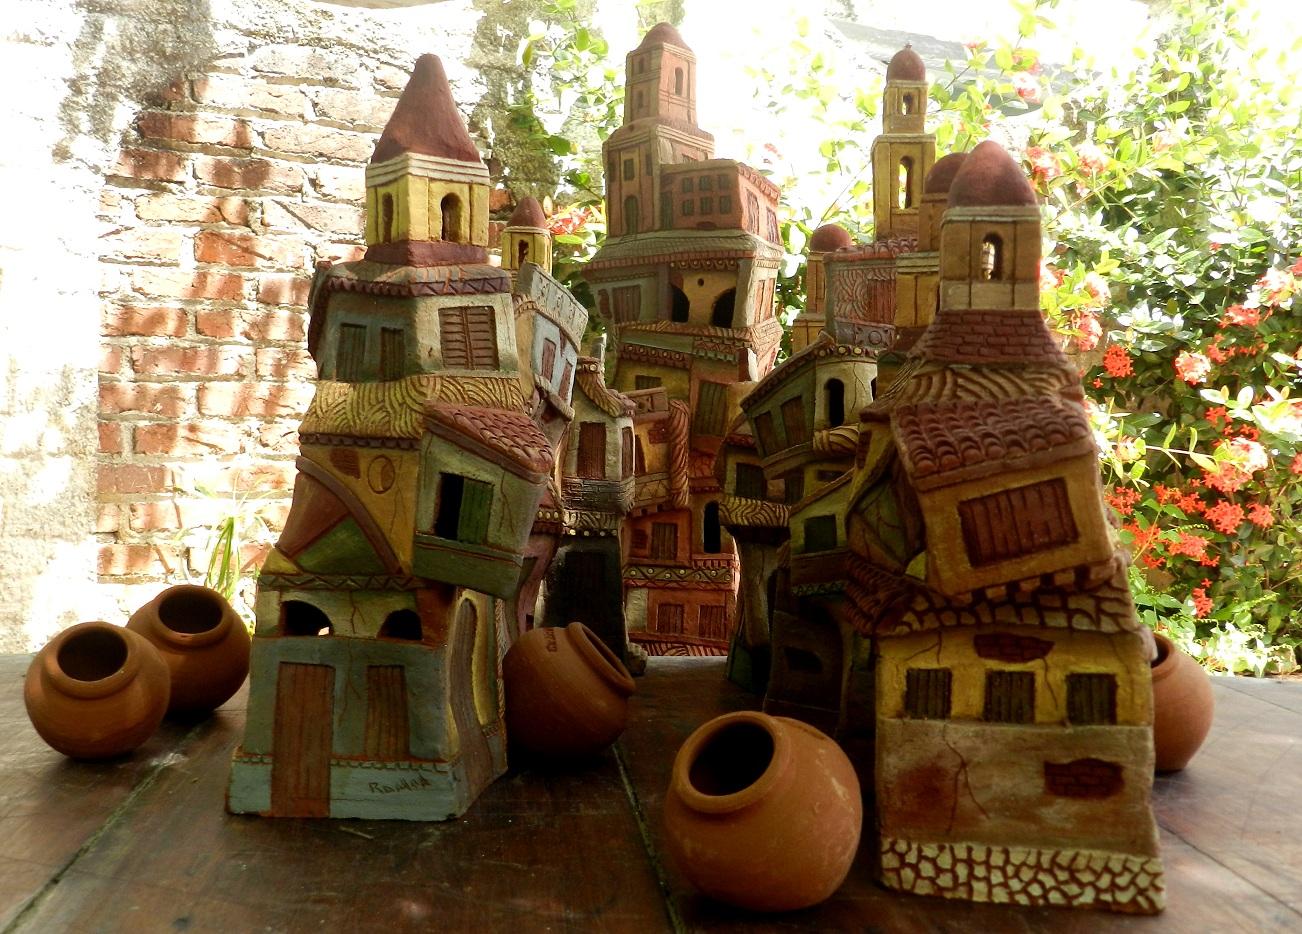 La ciudad de los Tinajones e iglesias torrenciales, es uno de los temas del ceramista camagüeyano Ramón Guerra, quien, en sus obras